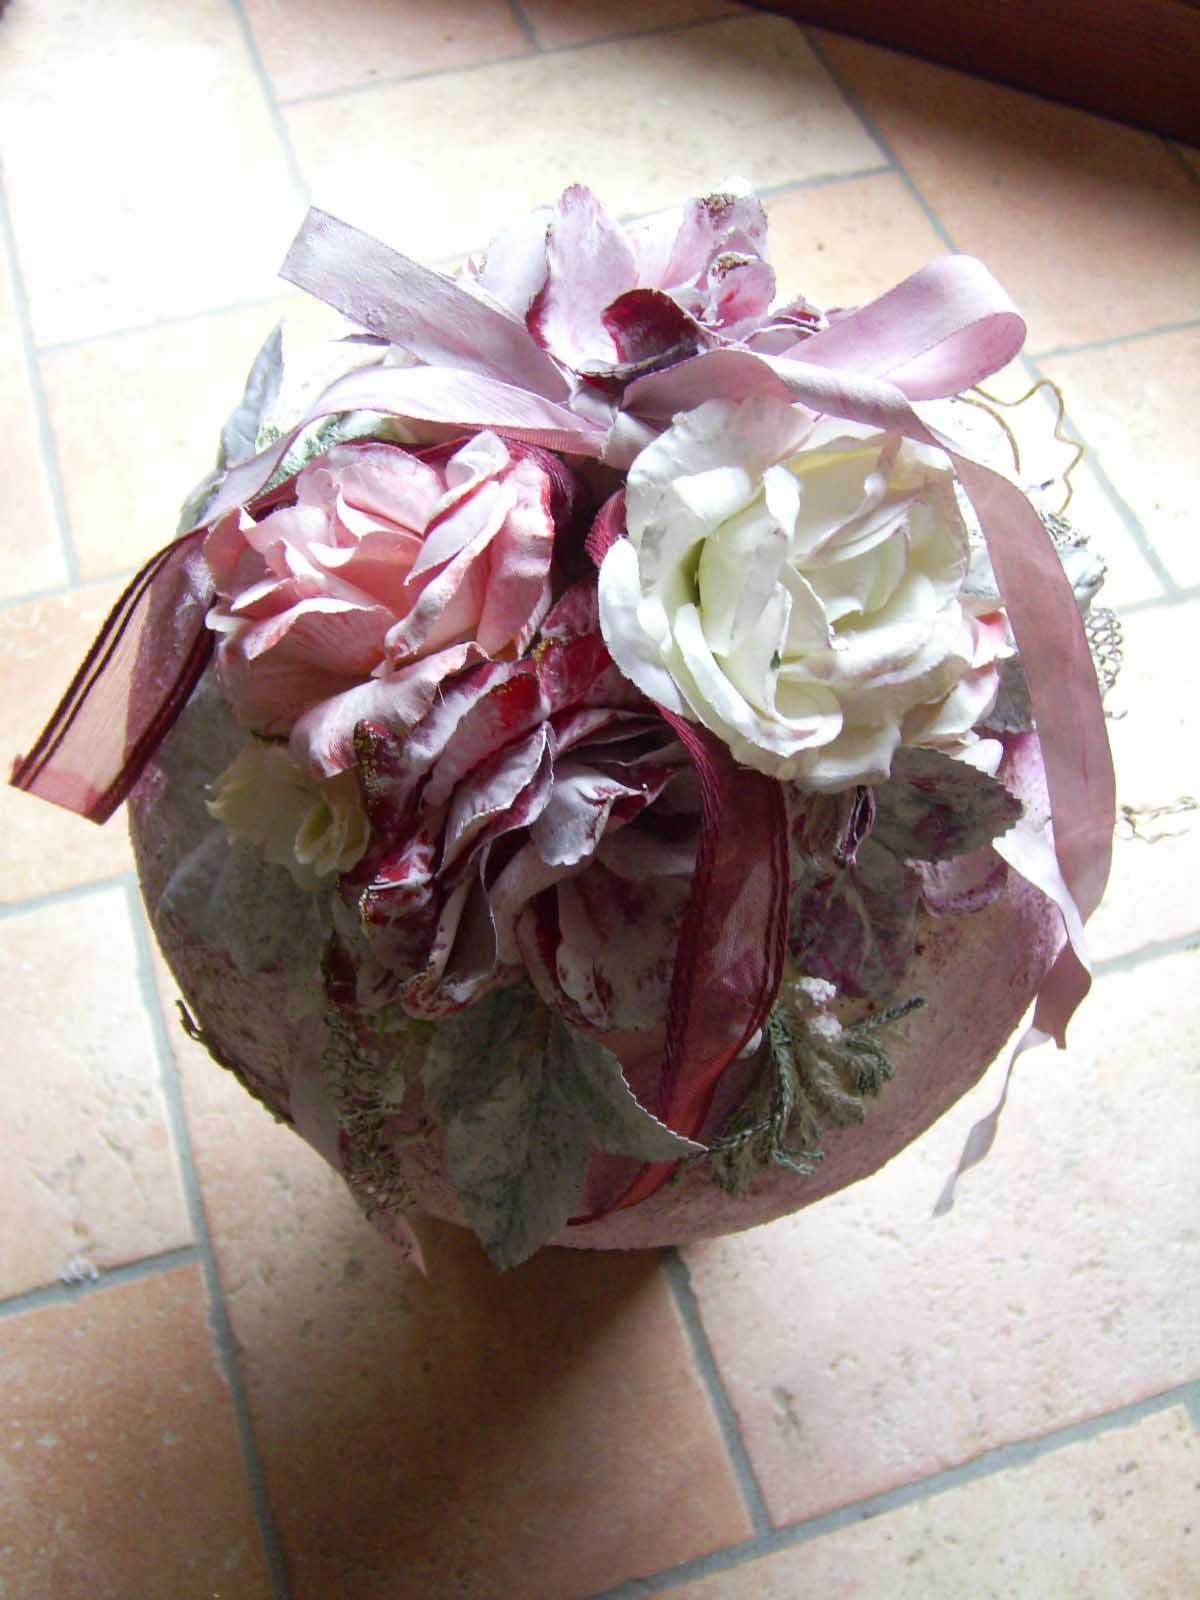 Natale decorazione soffitto : Soffitto Scuro Abbassa : Voglio creare decorazione di palle natale con ...